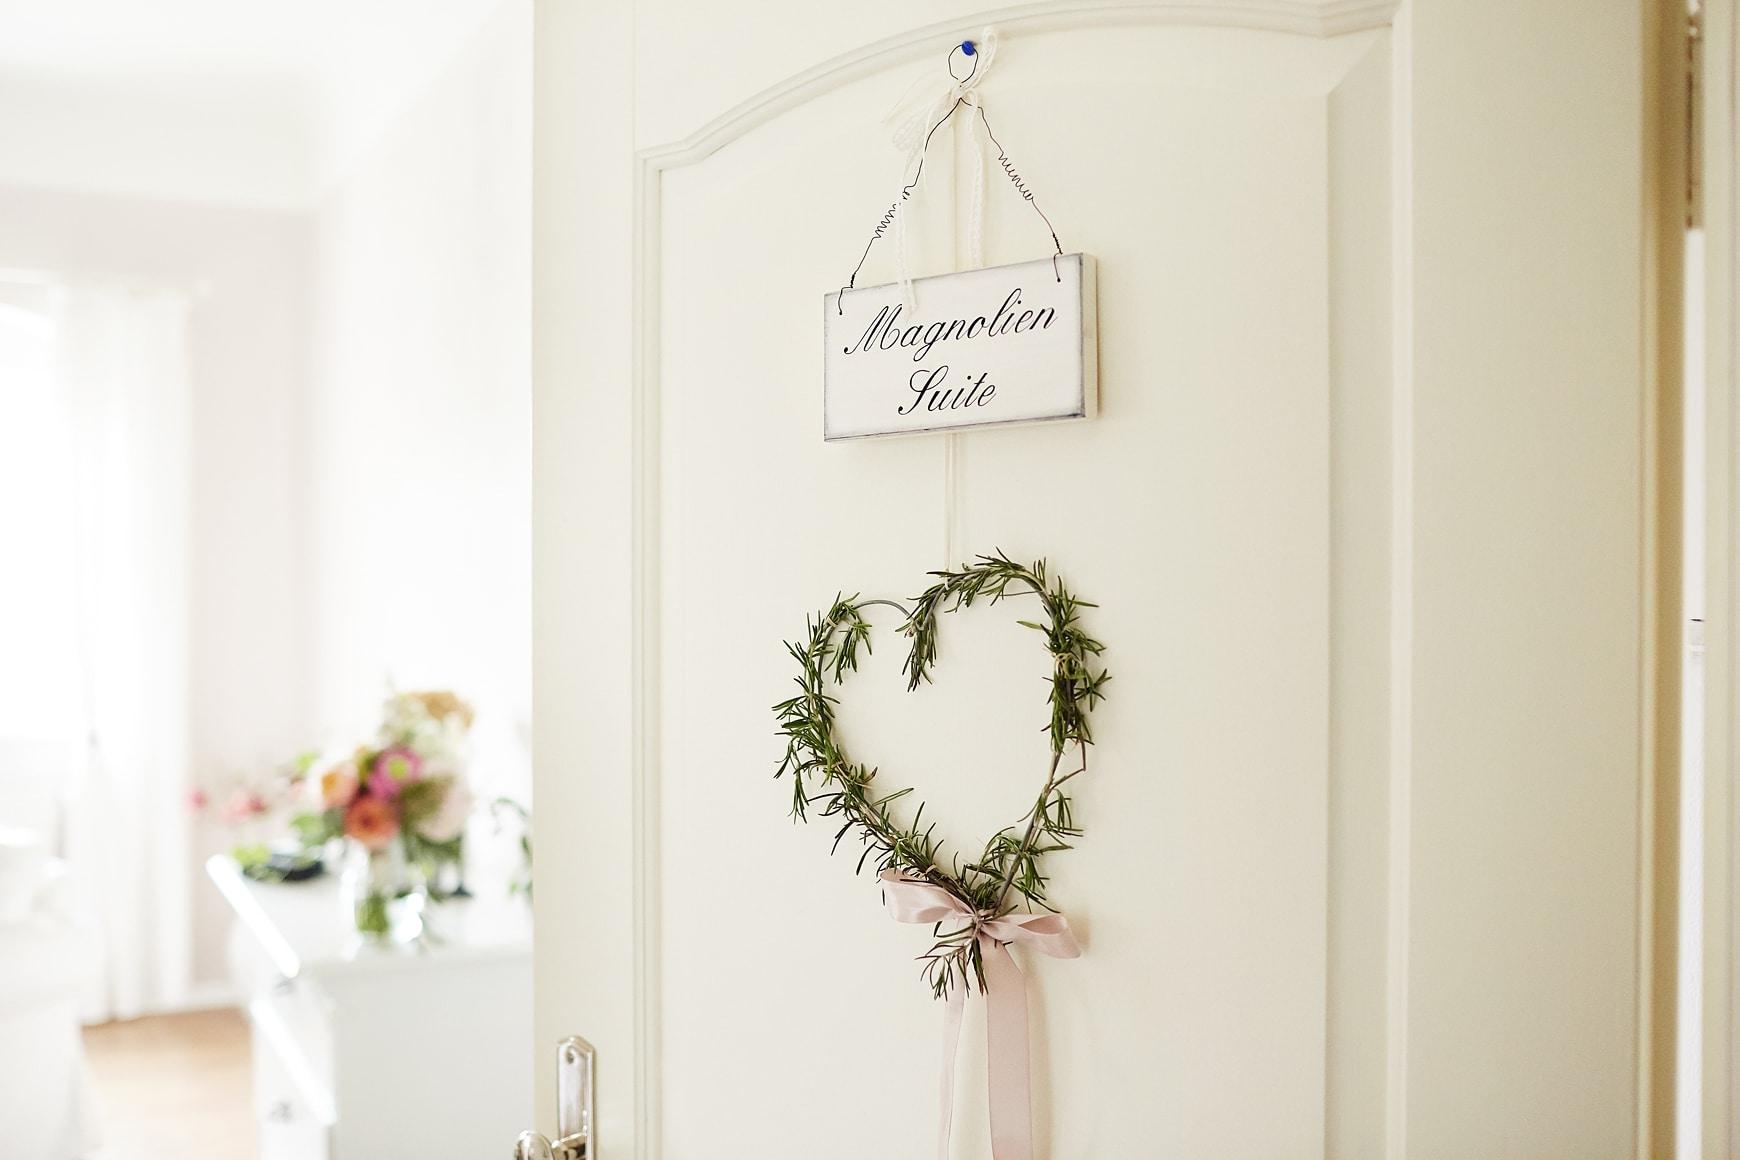 Der Eingang einer Suite mit Blumenkranz